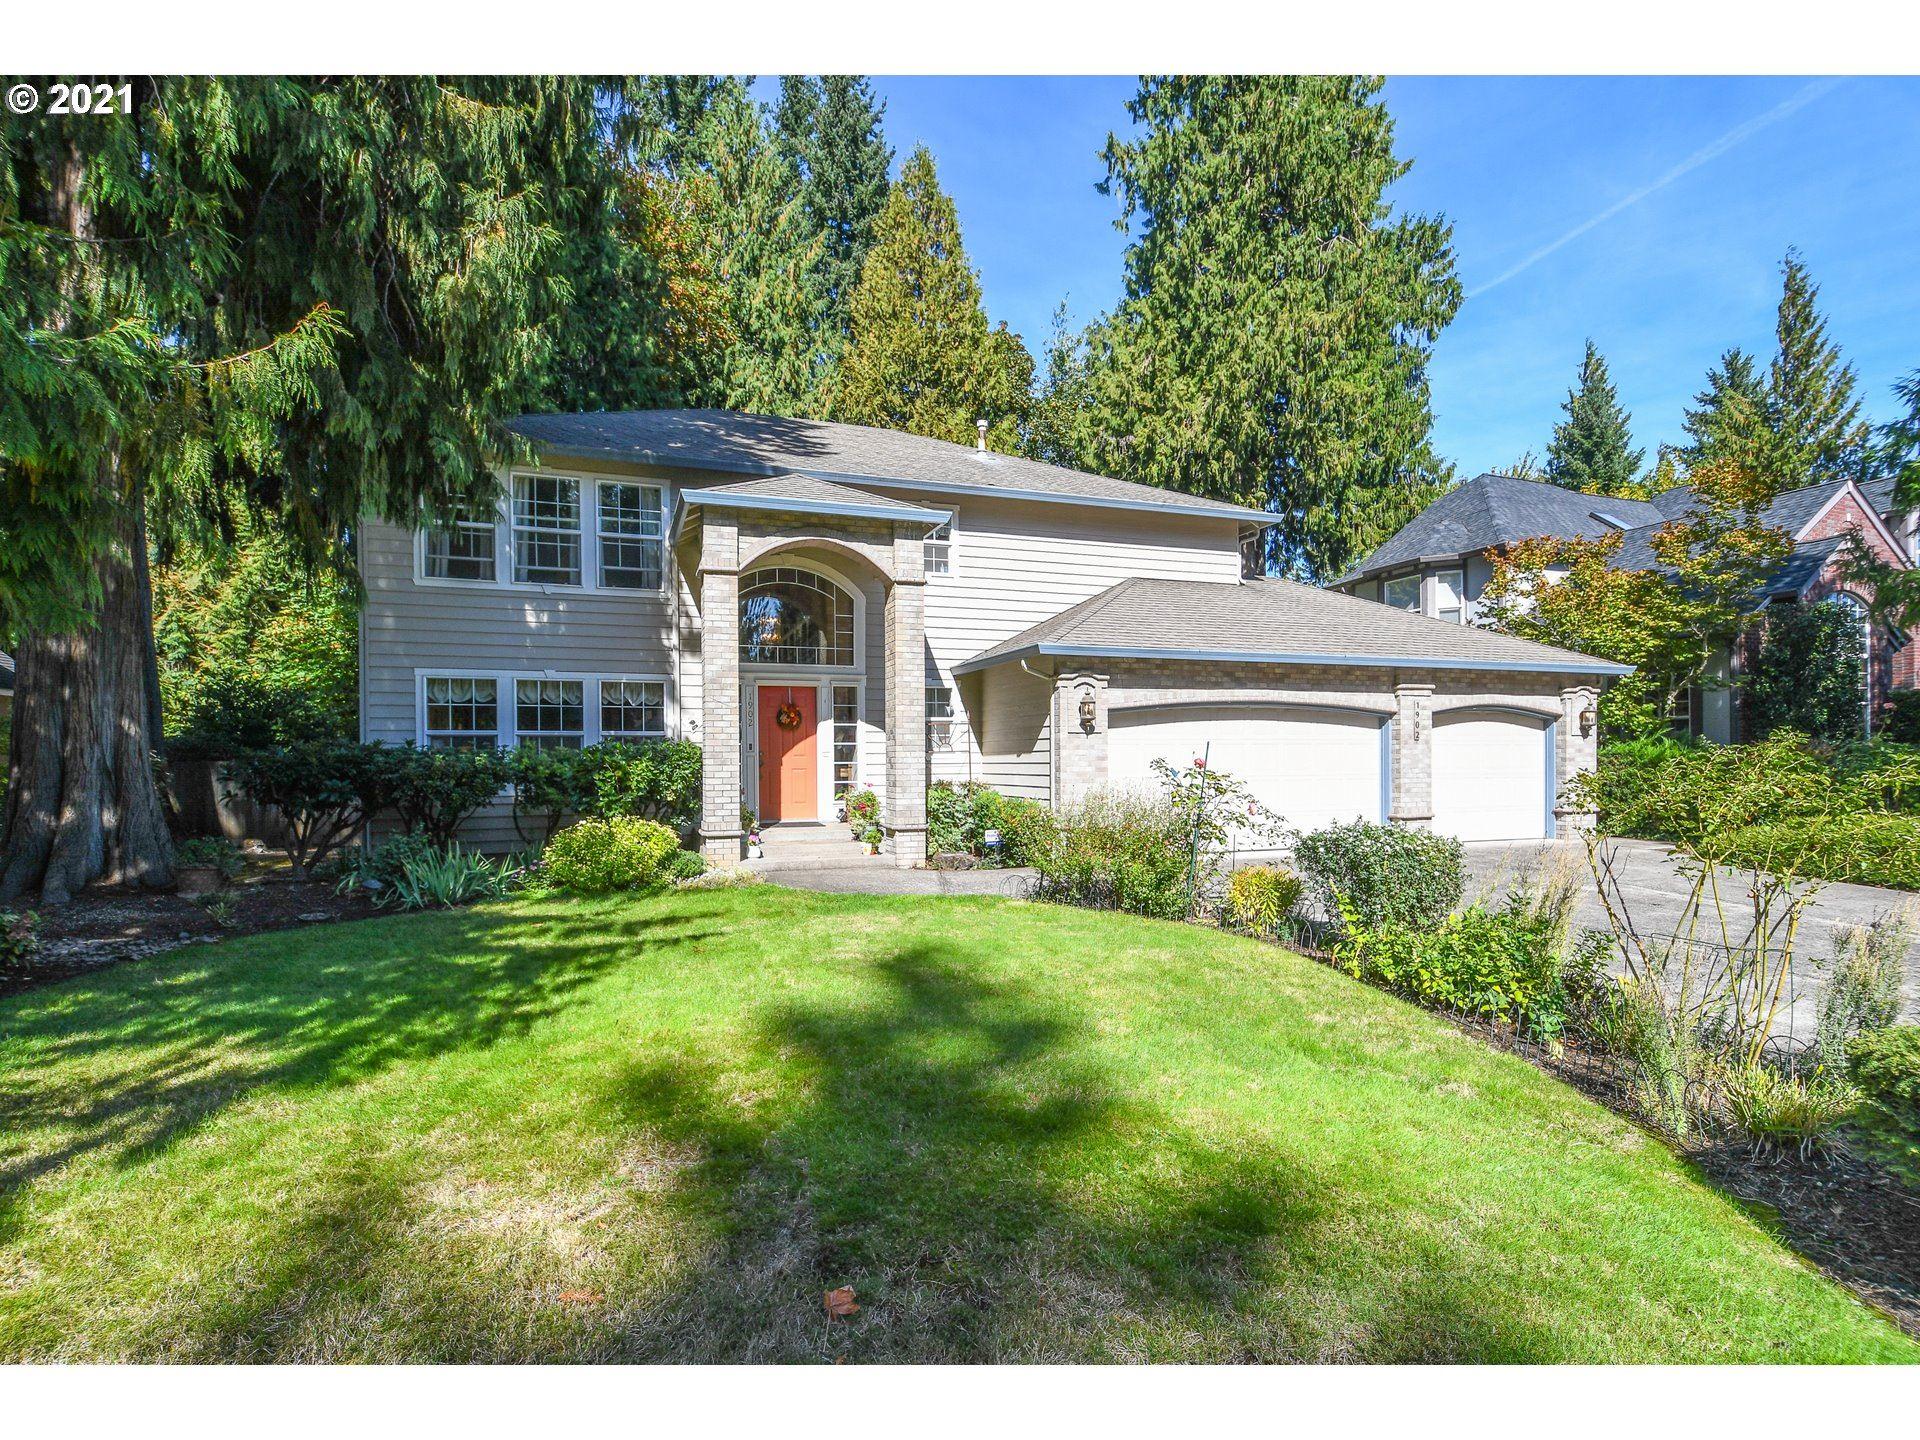 1902 NE 65TH ST, Vancouver, WA 98665 - MLS#: 21364827